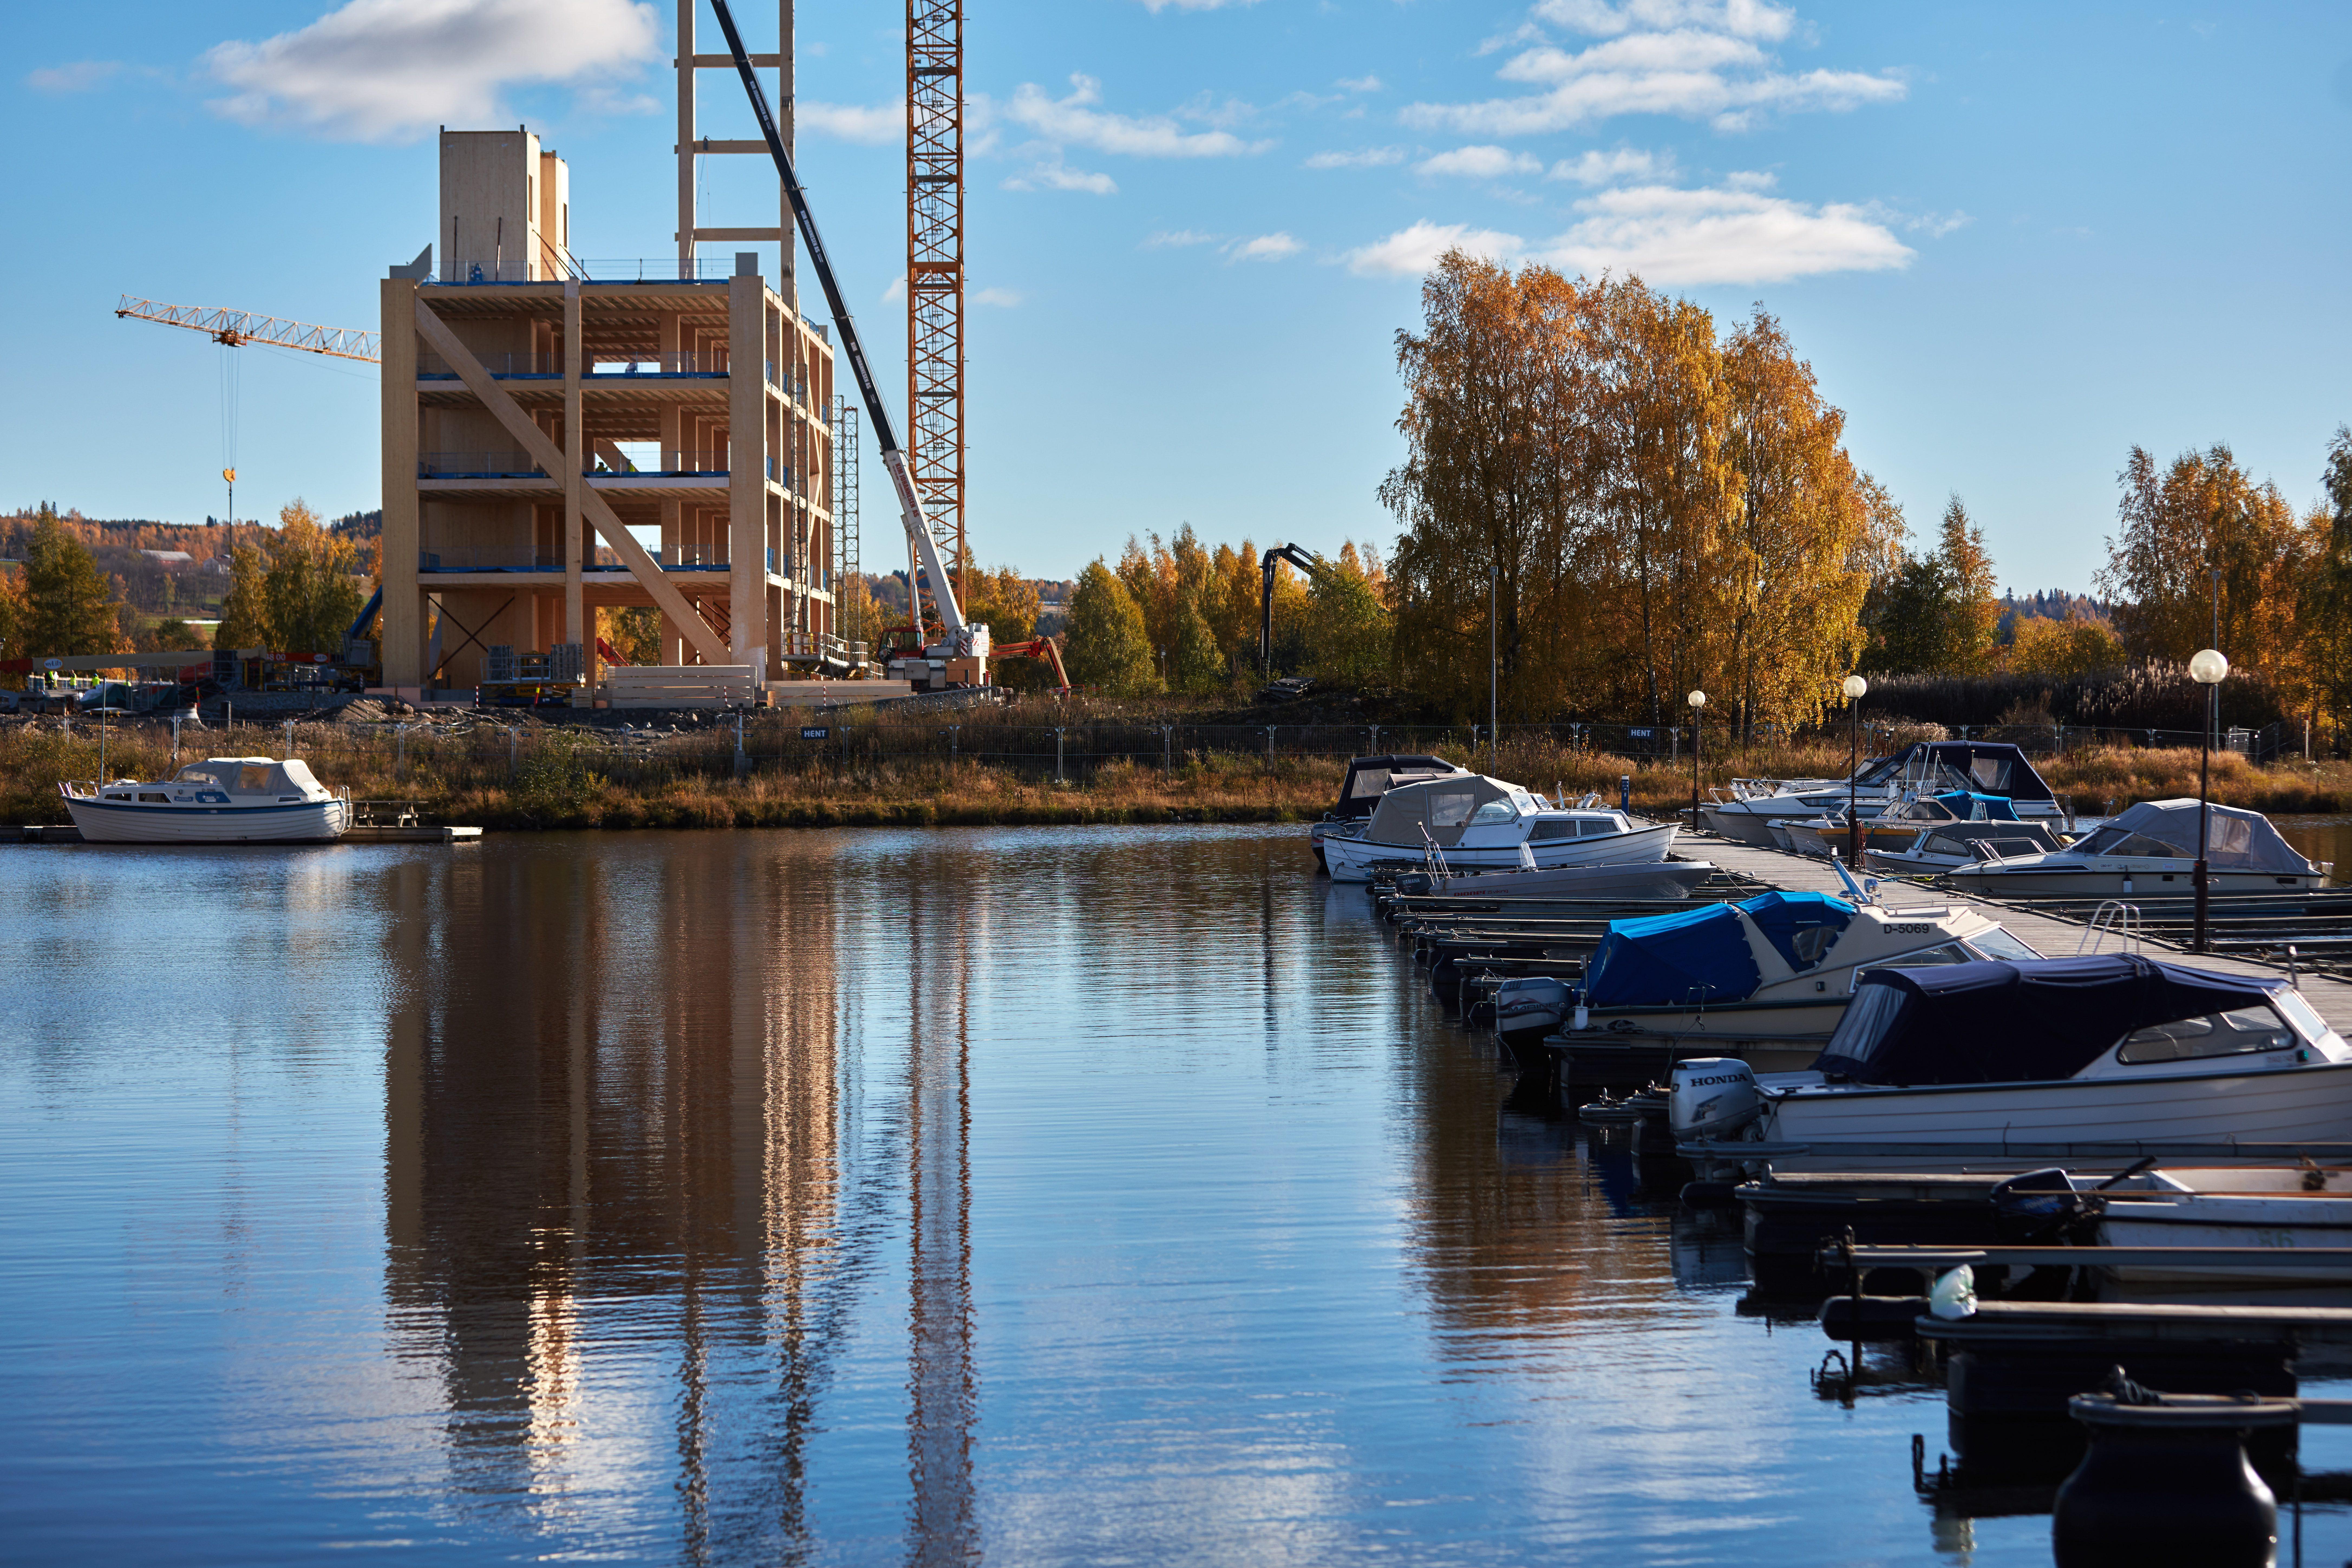 Hoogste houten gebouw ter wereld komt in Noorwegen